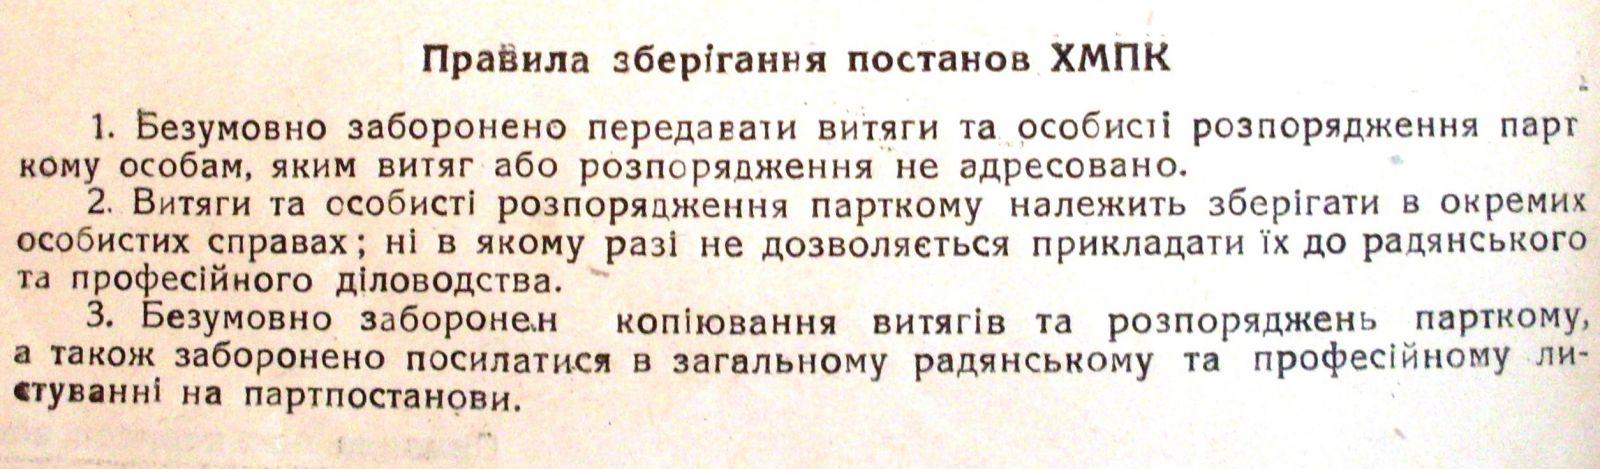 Вельми промовисті правила зберігання постанов Харківського міськкому, 1933 рік